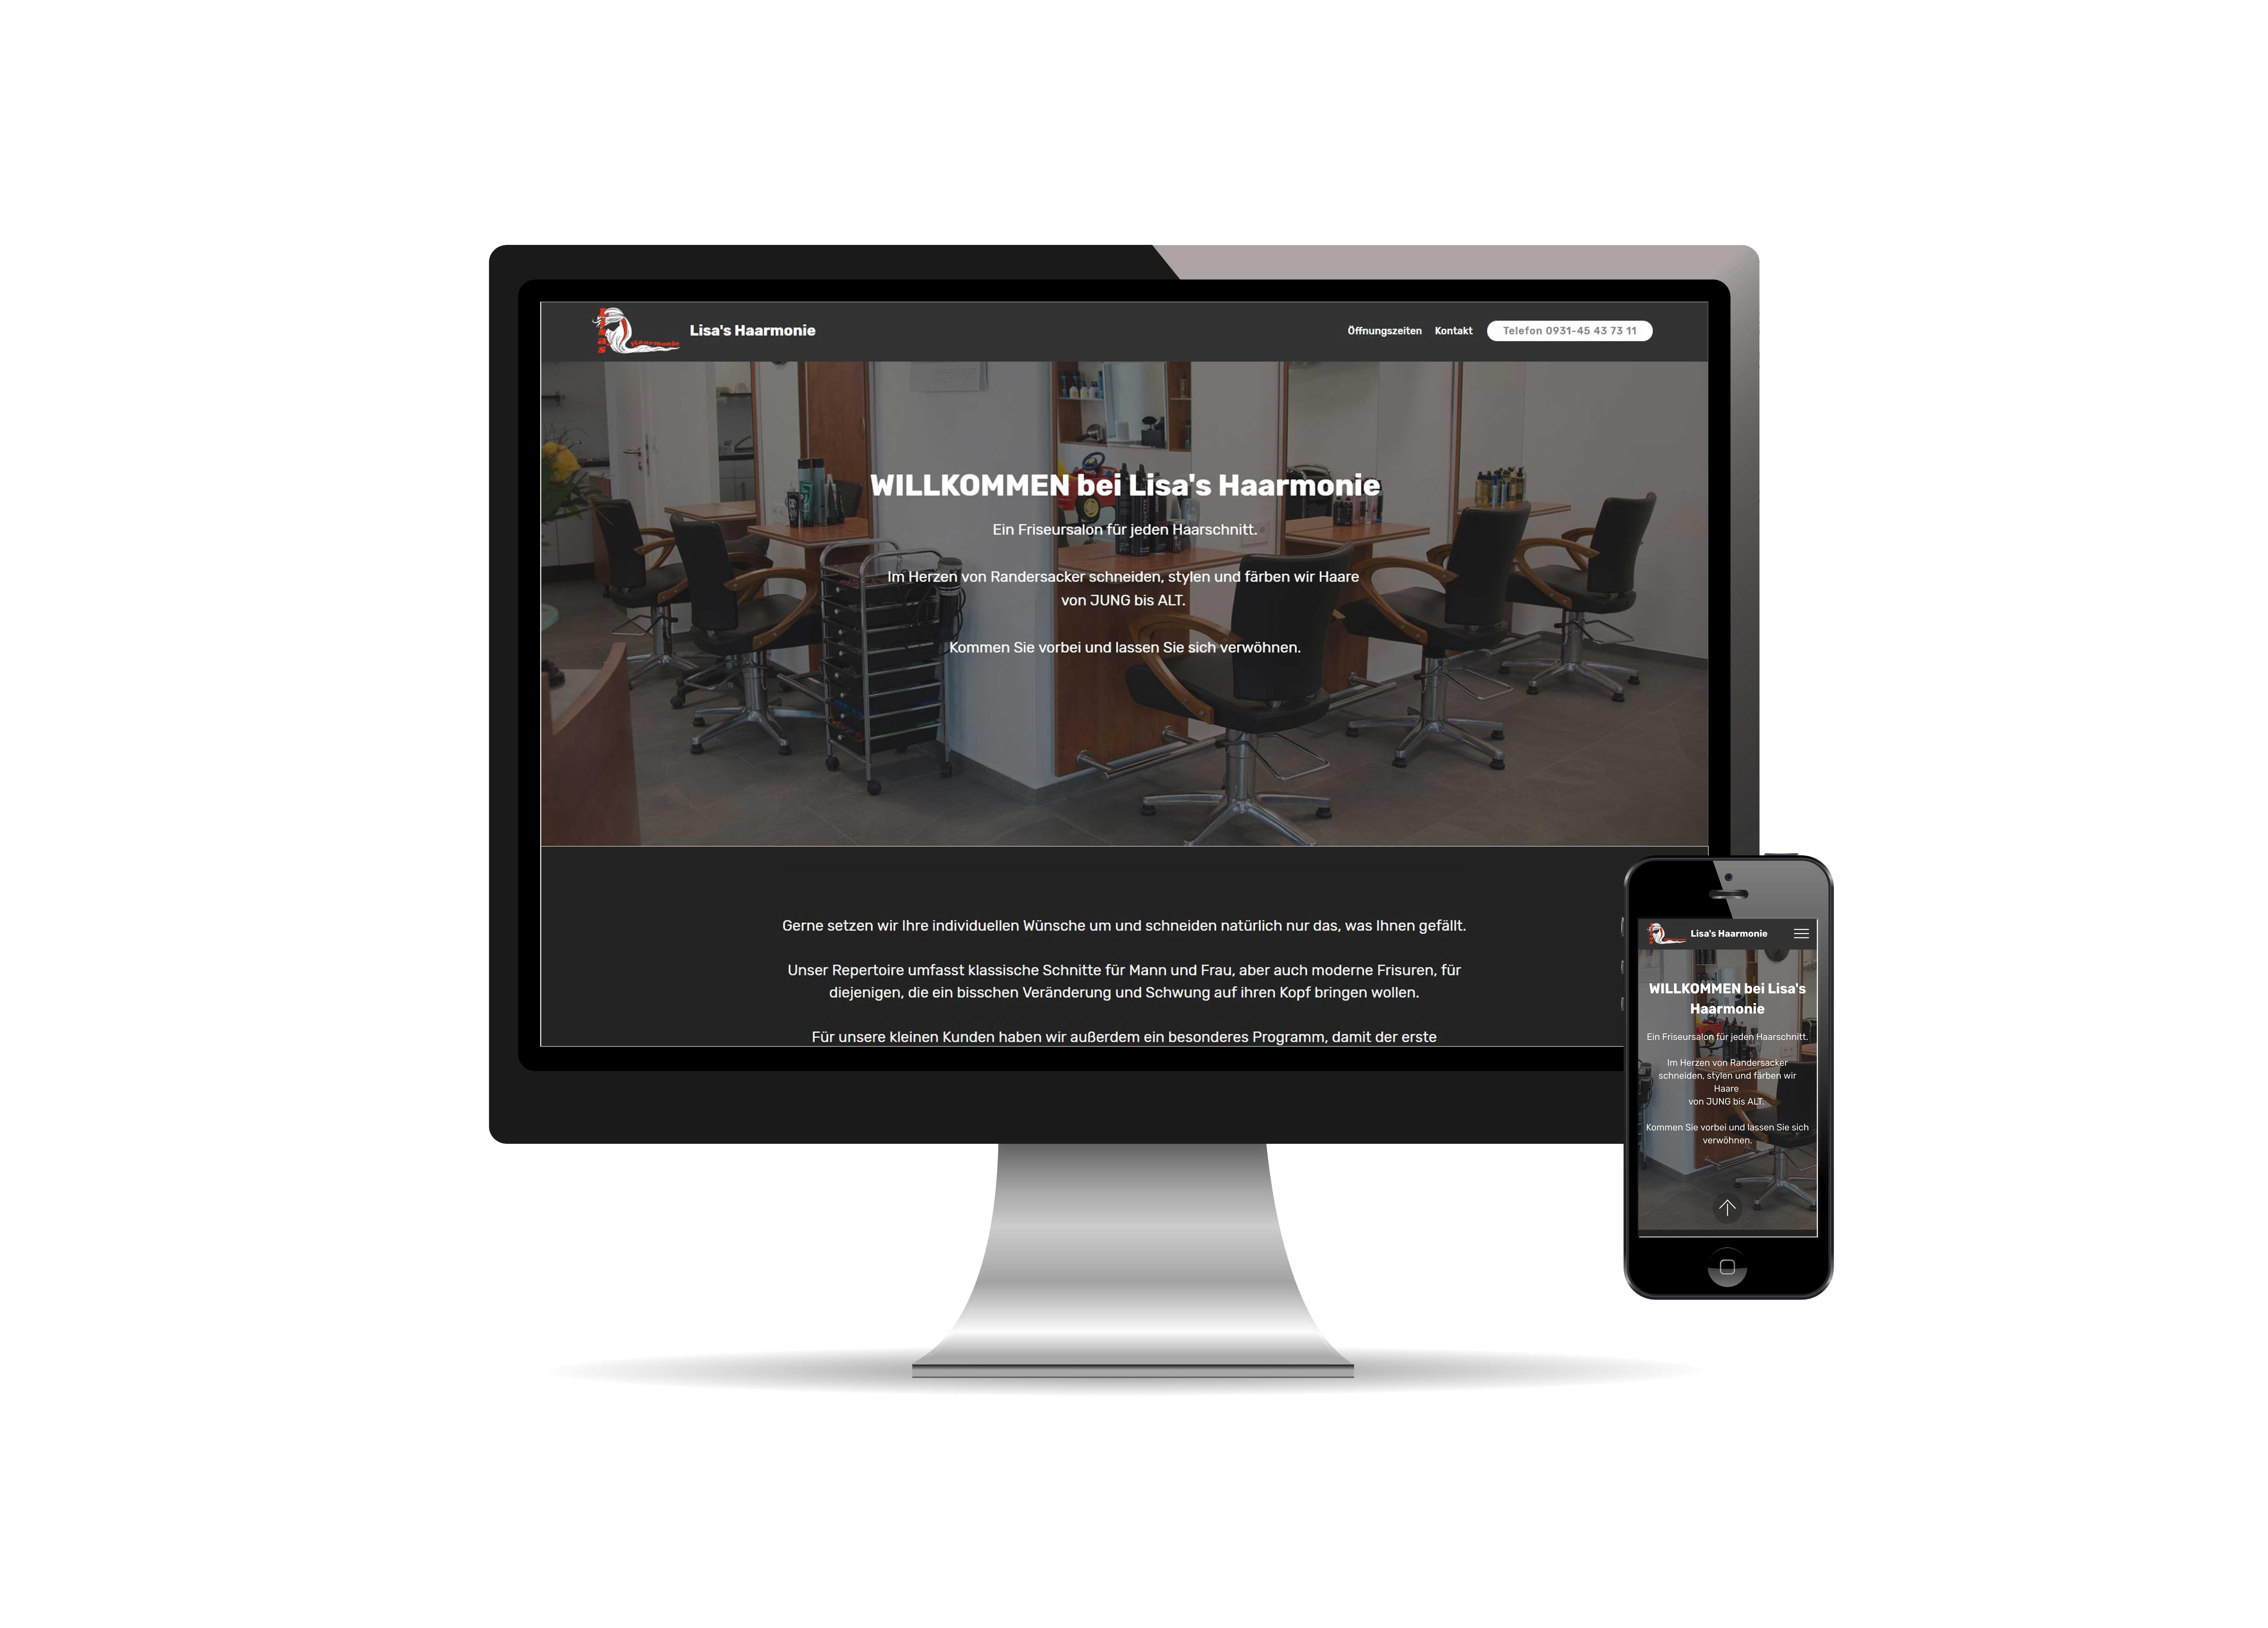 Lisa-Haarmonie-Homepage-Internet